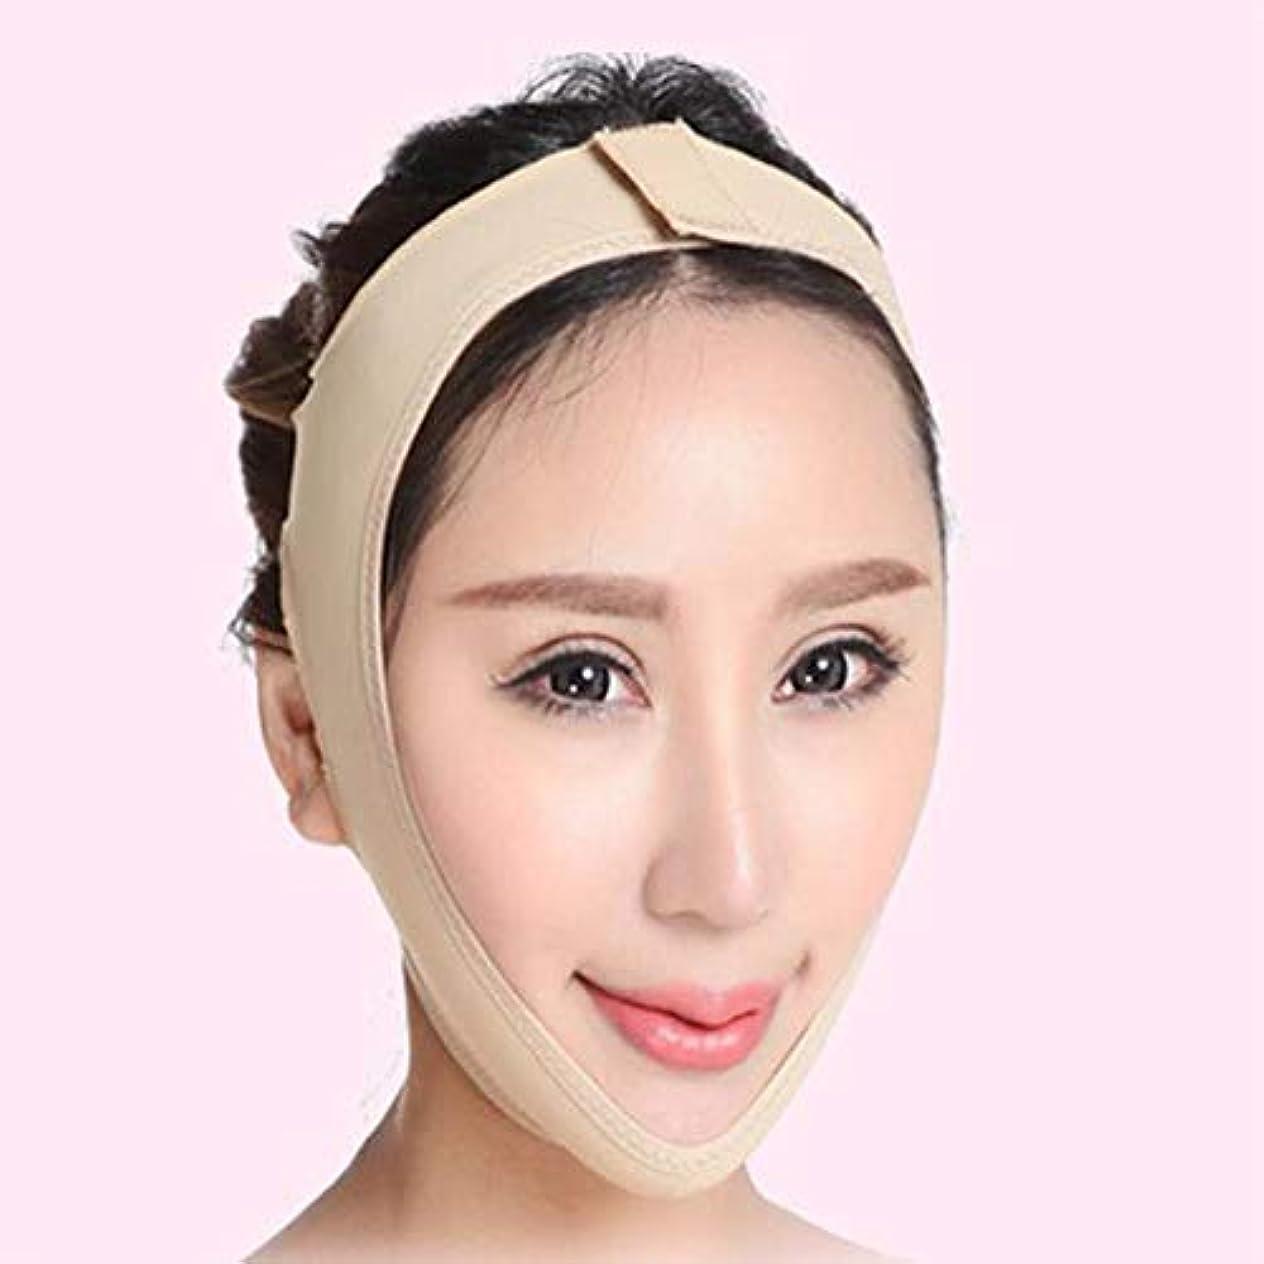 私の平和通常MR 小顔マスク リフトアップ マスク フェイスラインシャープ メンズ レディース Mサイズ MR-AZD15003-M